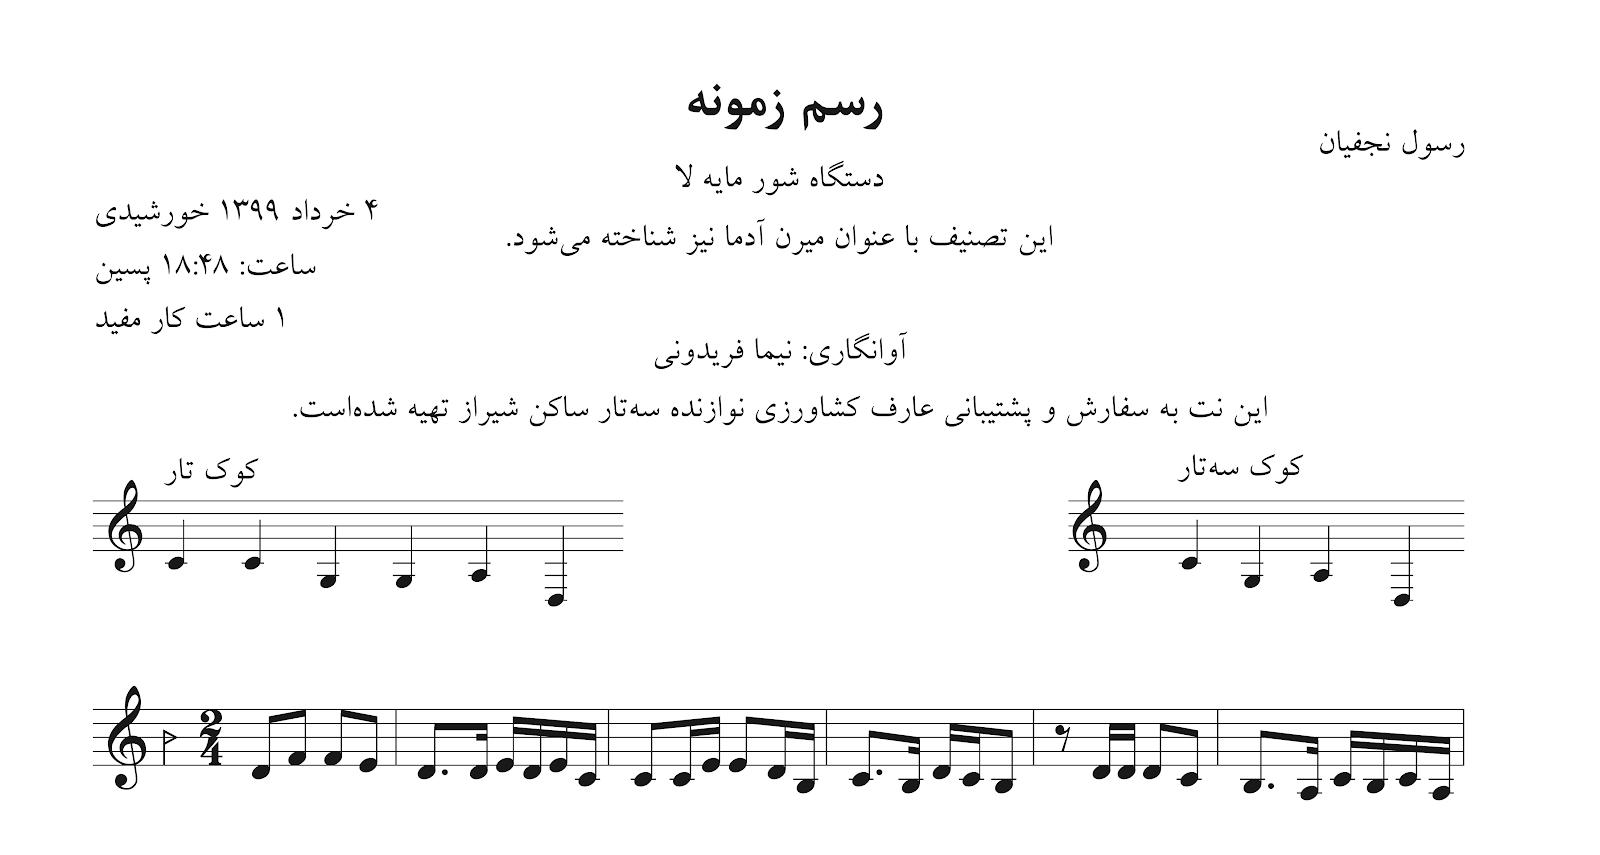 نت و آهنگ رسم زمونه (میرن آدما) رسول نجفیان